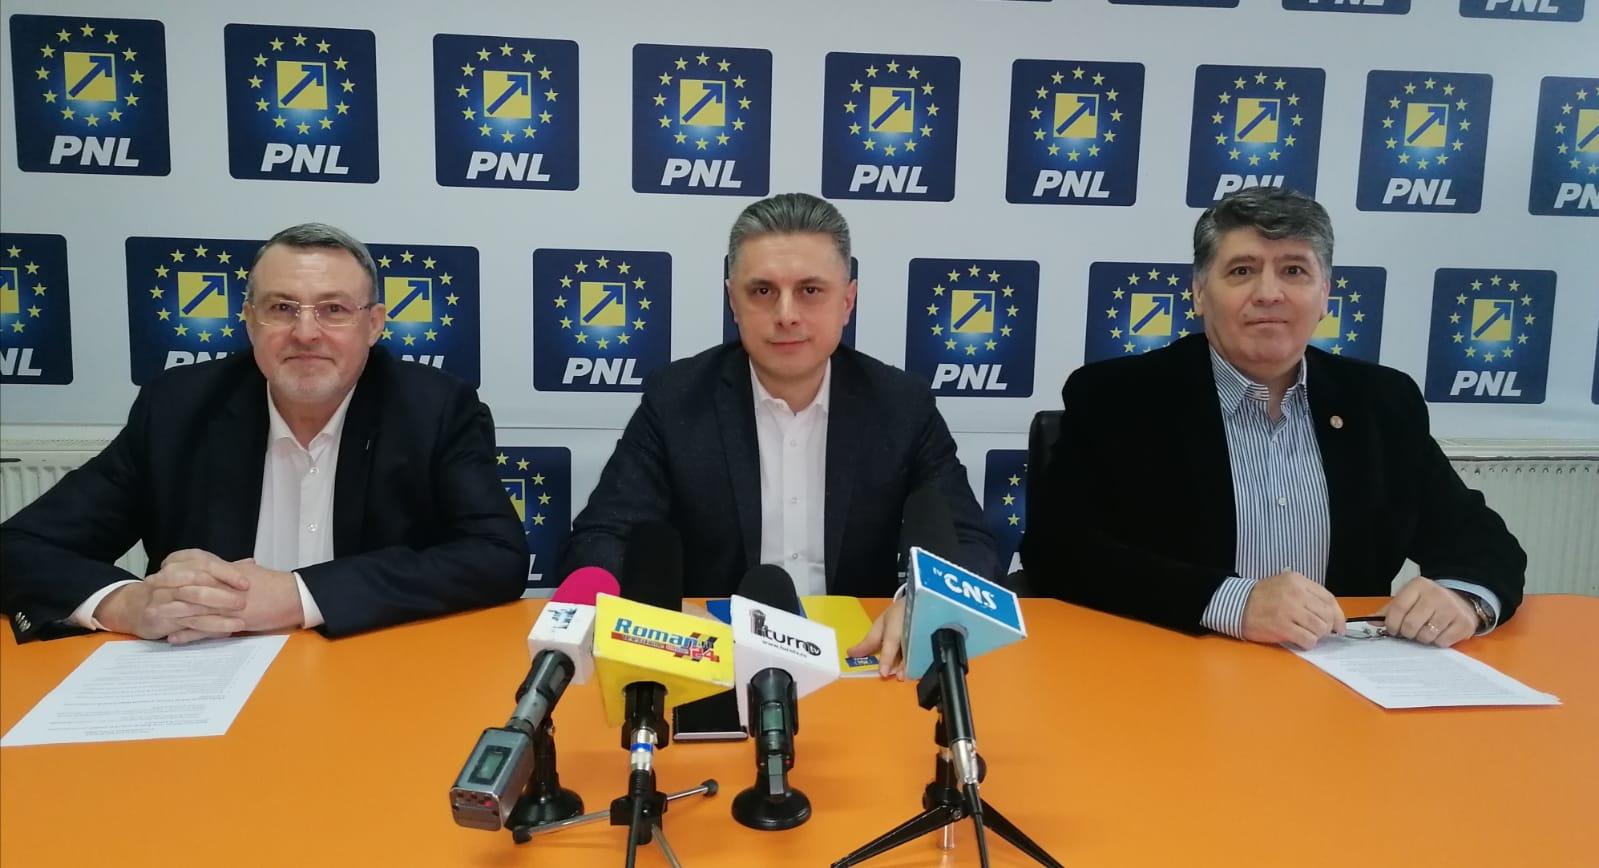 """Președintele PNL Neamț Mugur Cozmanciuc: """"Toate proiectele de investiții care au fost începute în județul Neamț vor continua"""""""